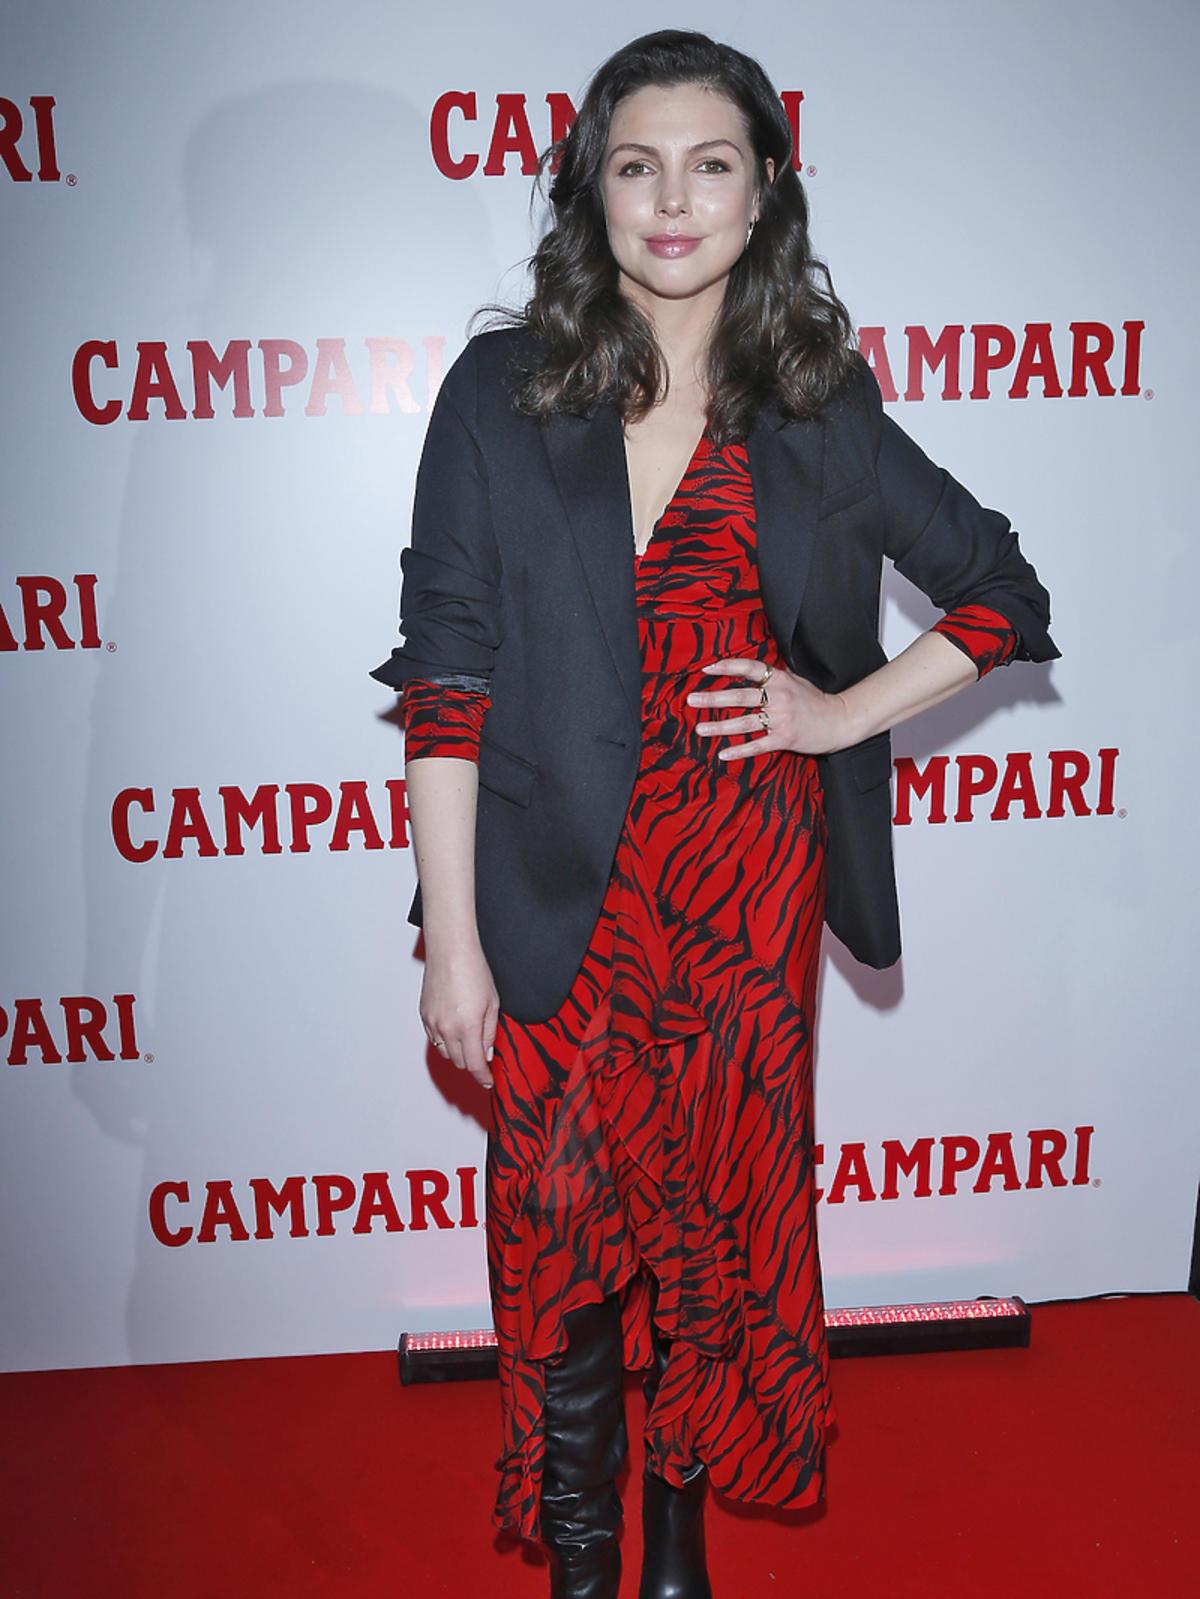 Otwarcie Pop Up Bar Campari  - Karolina Gorczyca